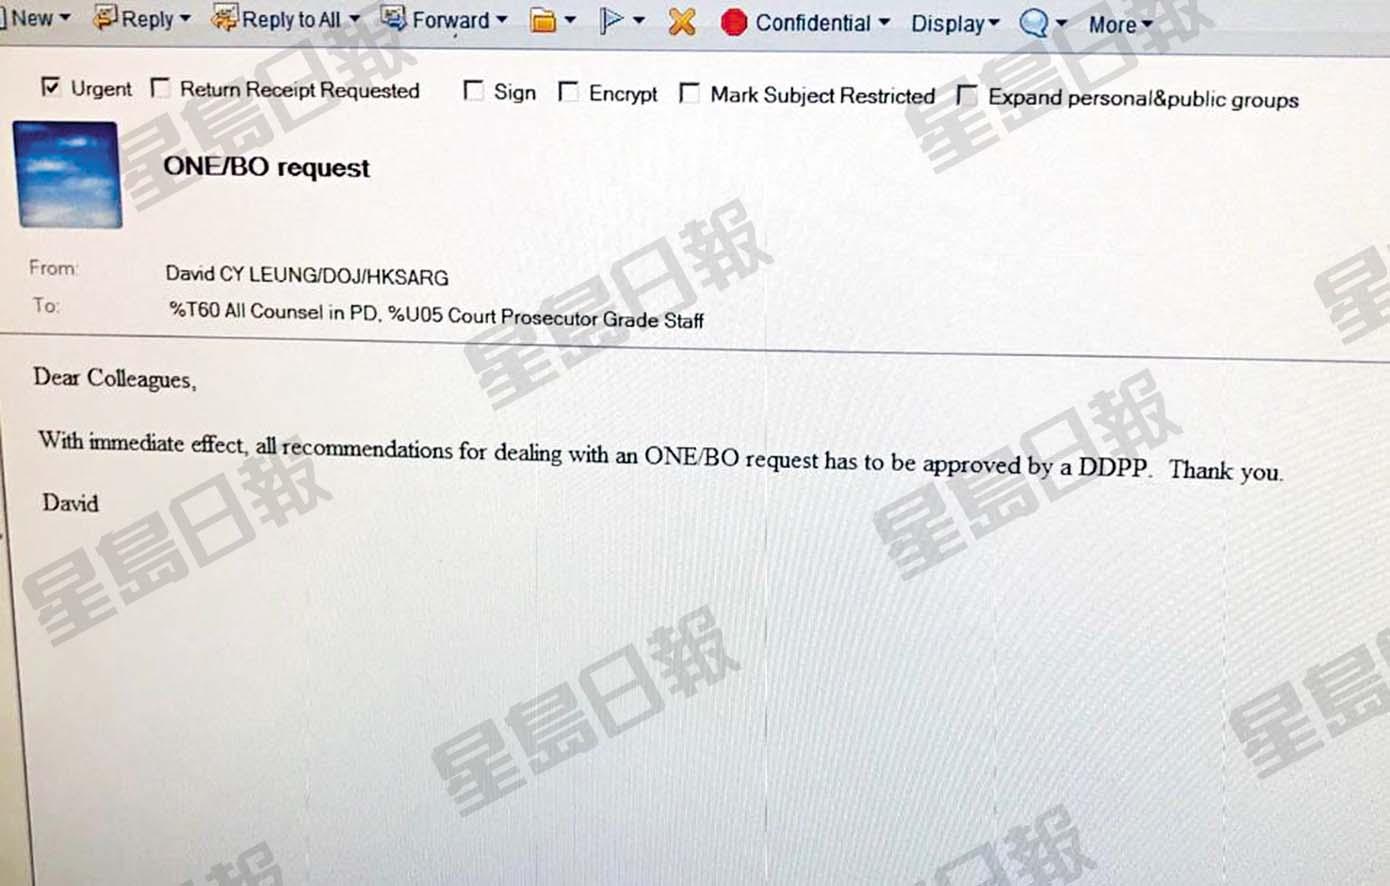 梁卓然發出電郵,表明涉及「不提證供起訴,改為 簽保守行為」的決定,須由「副刑事檢控專員」審批。